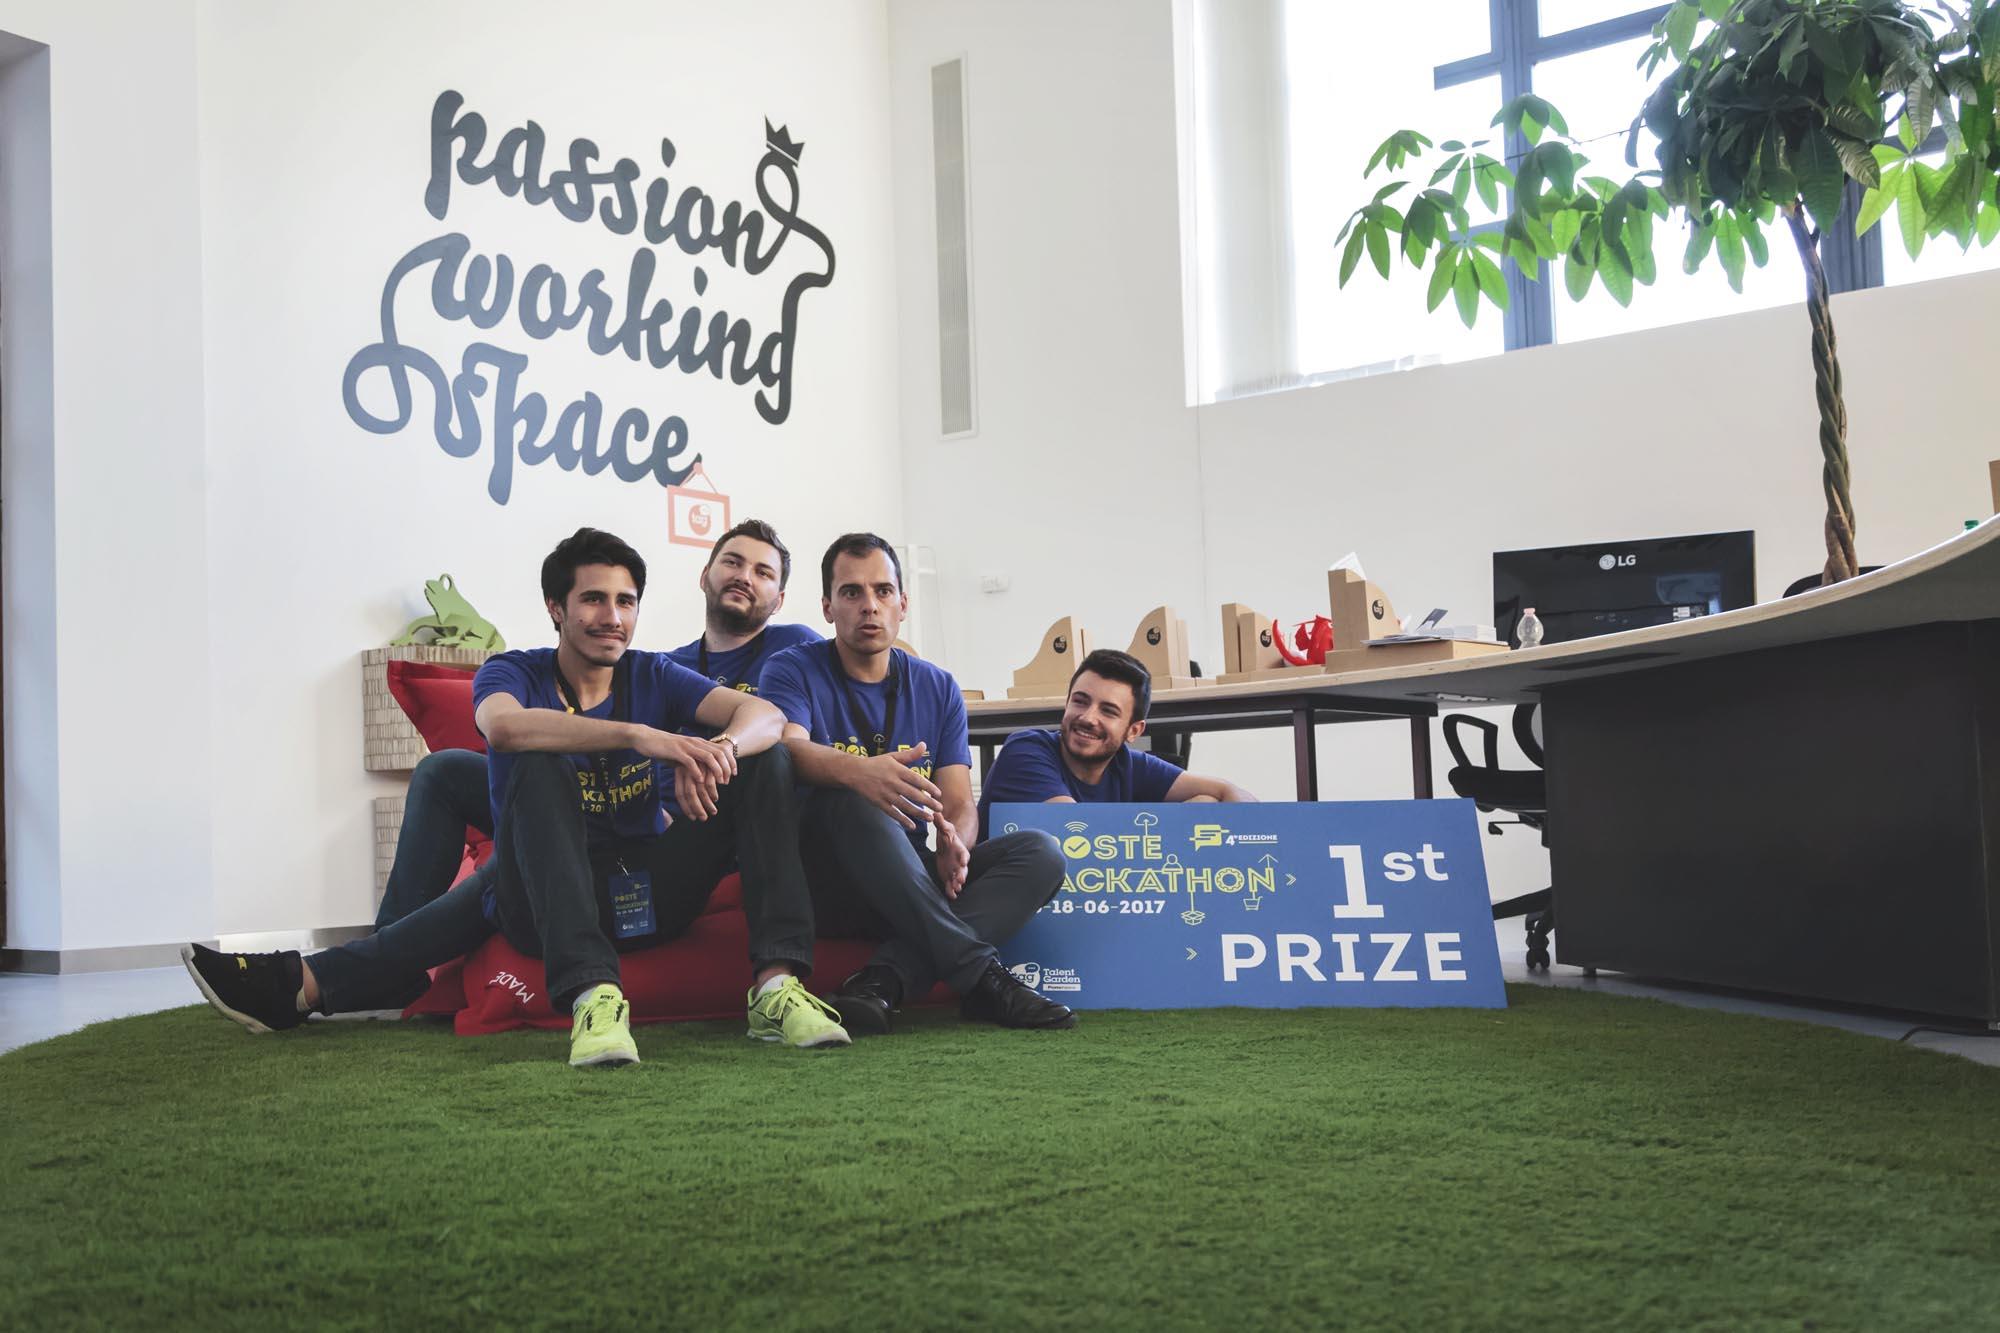 Intervista vincitori Poste Hack 4